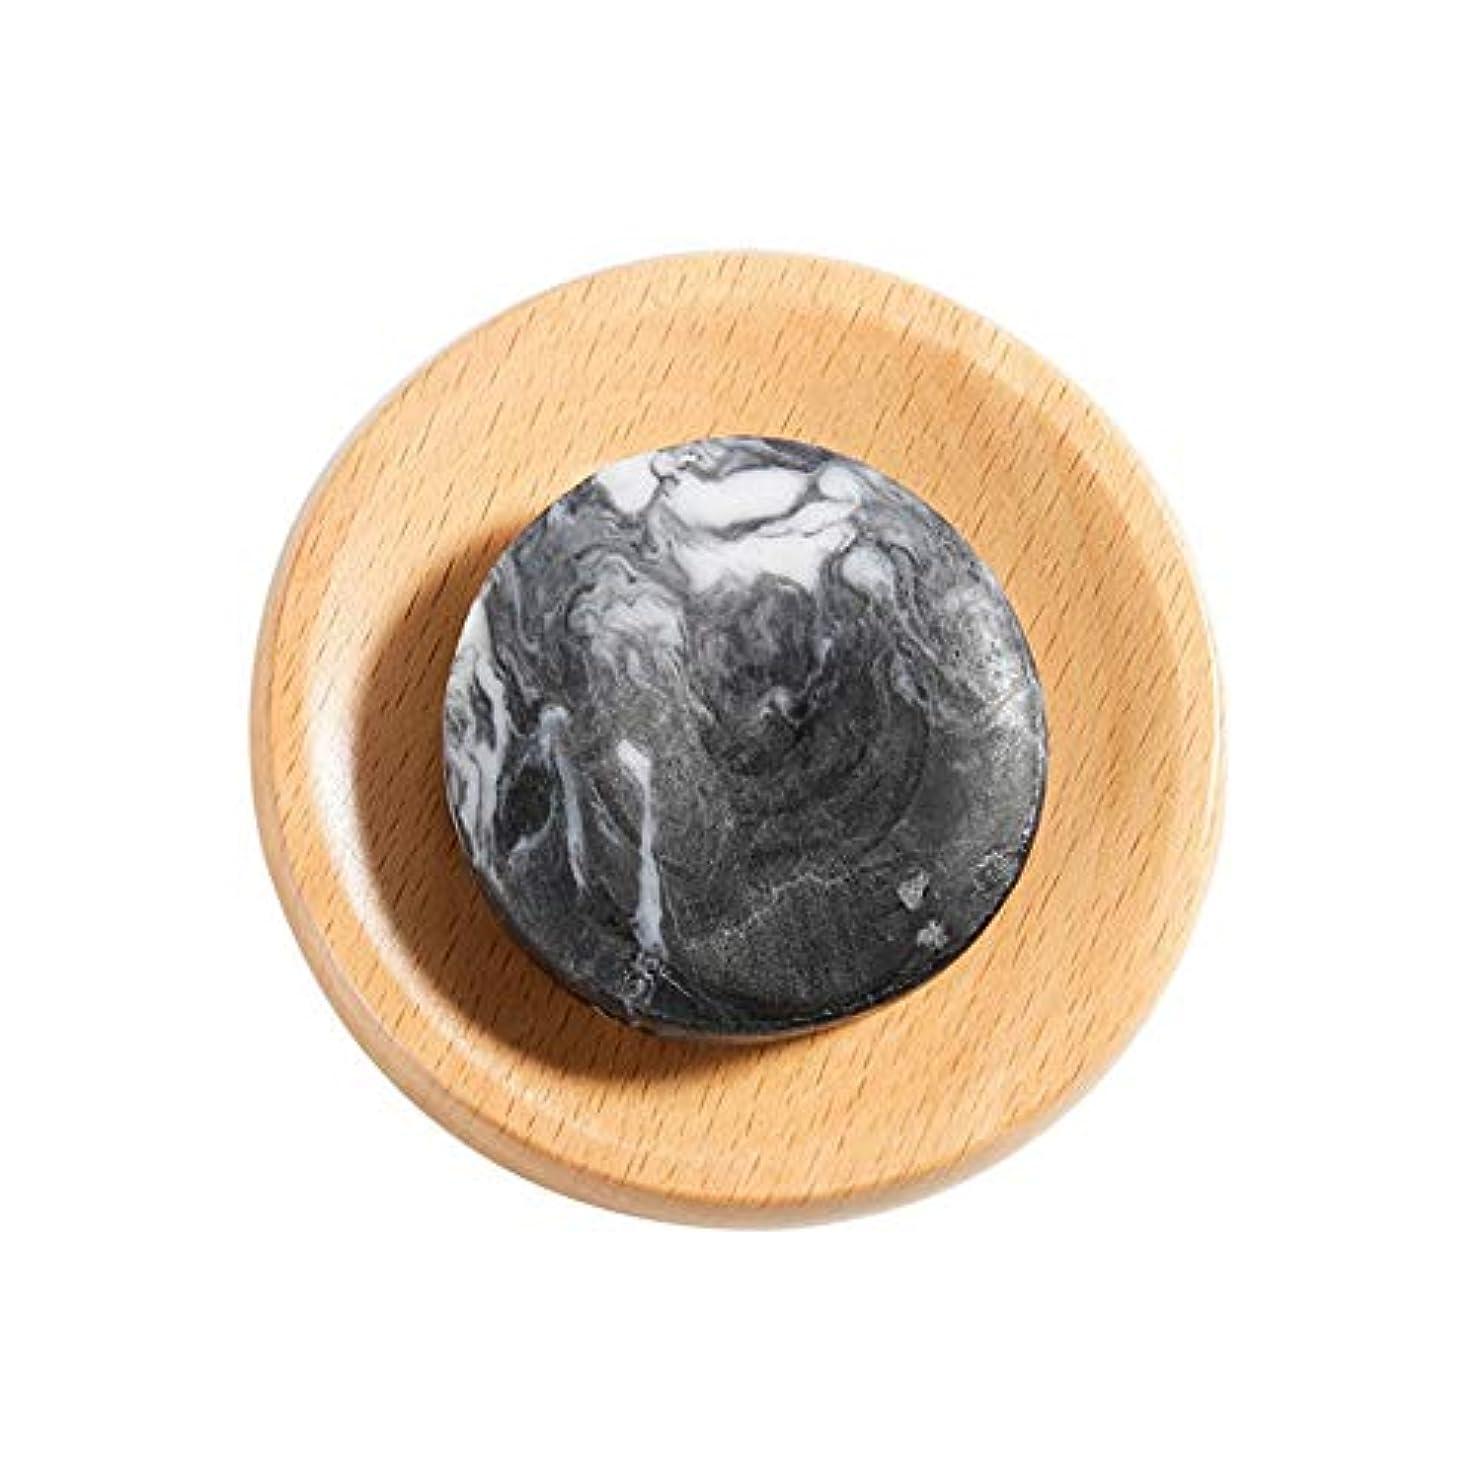 発行する大胆不敵良い火山泥 石鹸 美白 ボディクリア 抗菌 スキンケア 腹ステッカー5枚付き hjuns-Wu